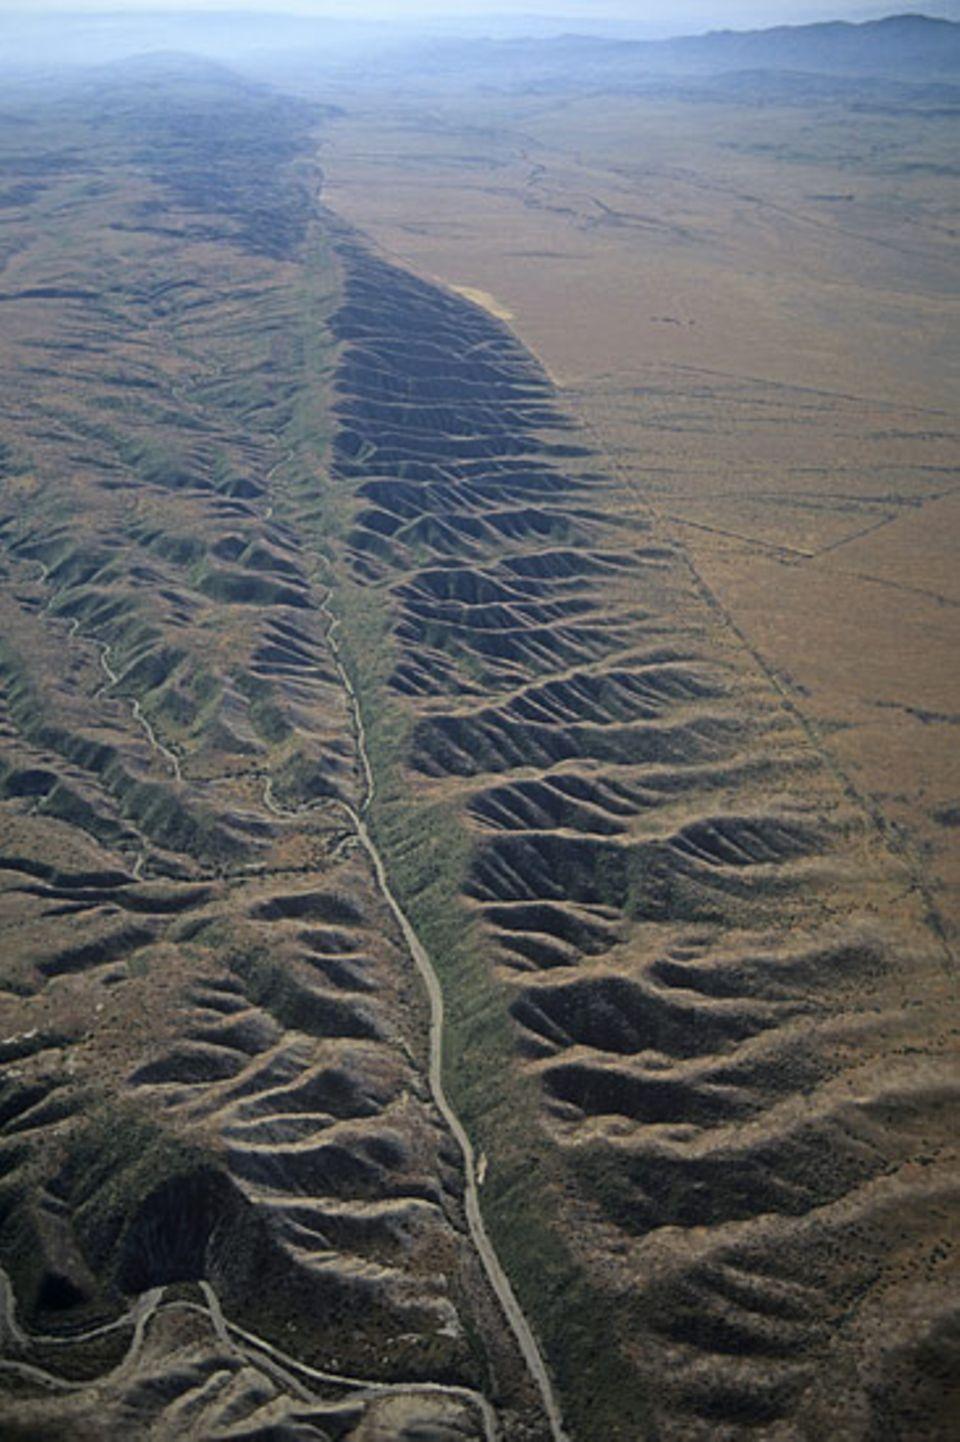 Erdbeben: Die San-Andreas-Verwerfung verläuft von Mexiko bis nach San Francisco an der Amerikanischen Westküste entlang - über 1100 Kilometer! Sie ist eine der wenigen Plattengrenzen, die an Land verlaufen – die meisten ziehen sich durch die Meeresböden